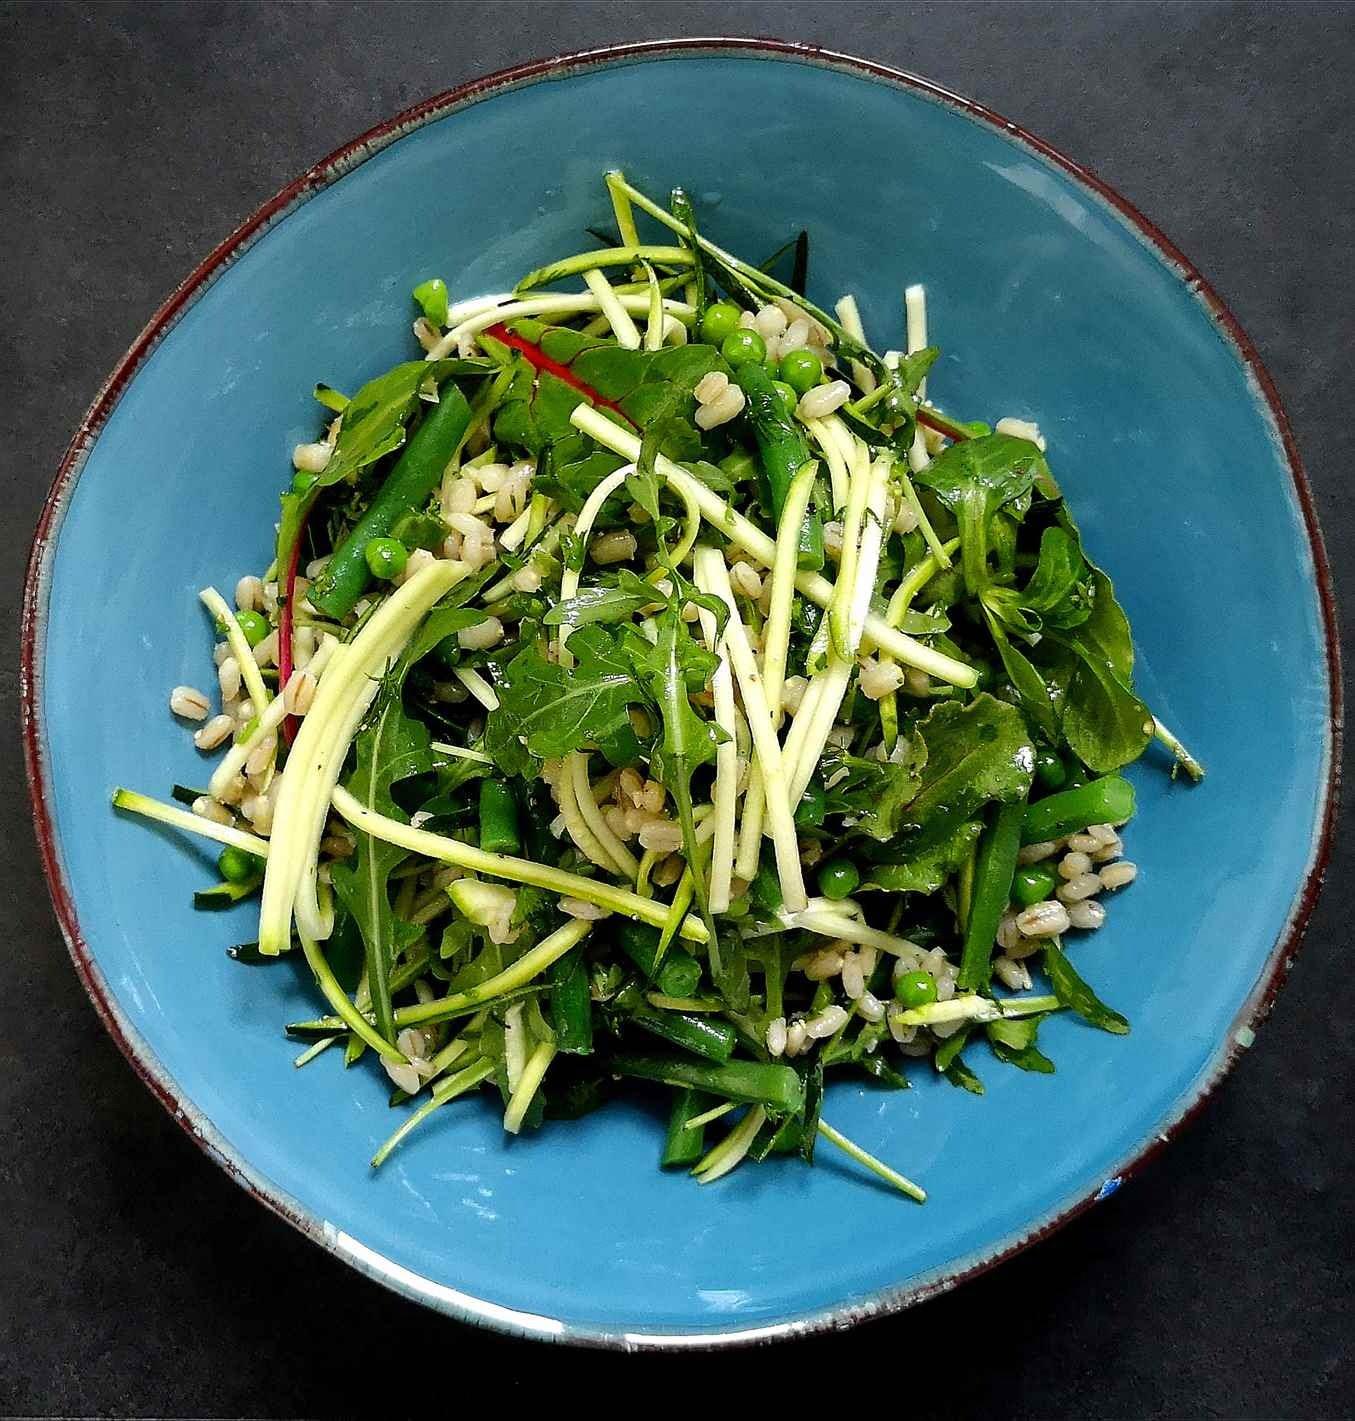 Perlinių kruopų salotos su cukinija, šparaginėmis pupelėmis